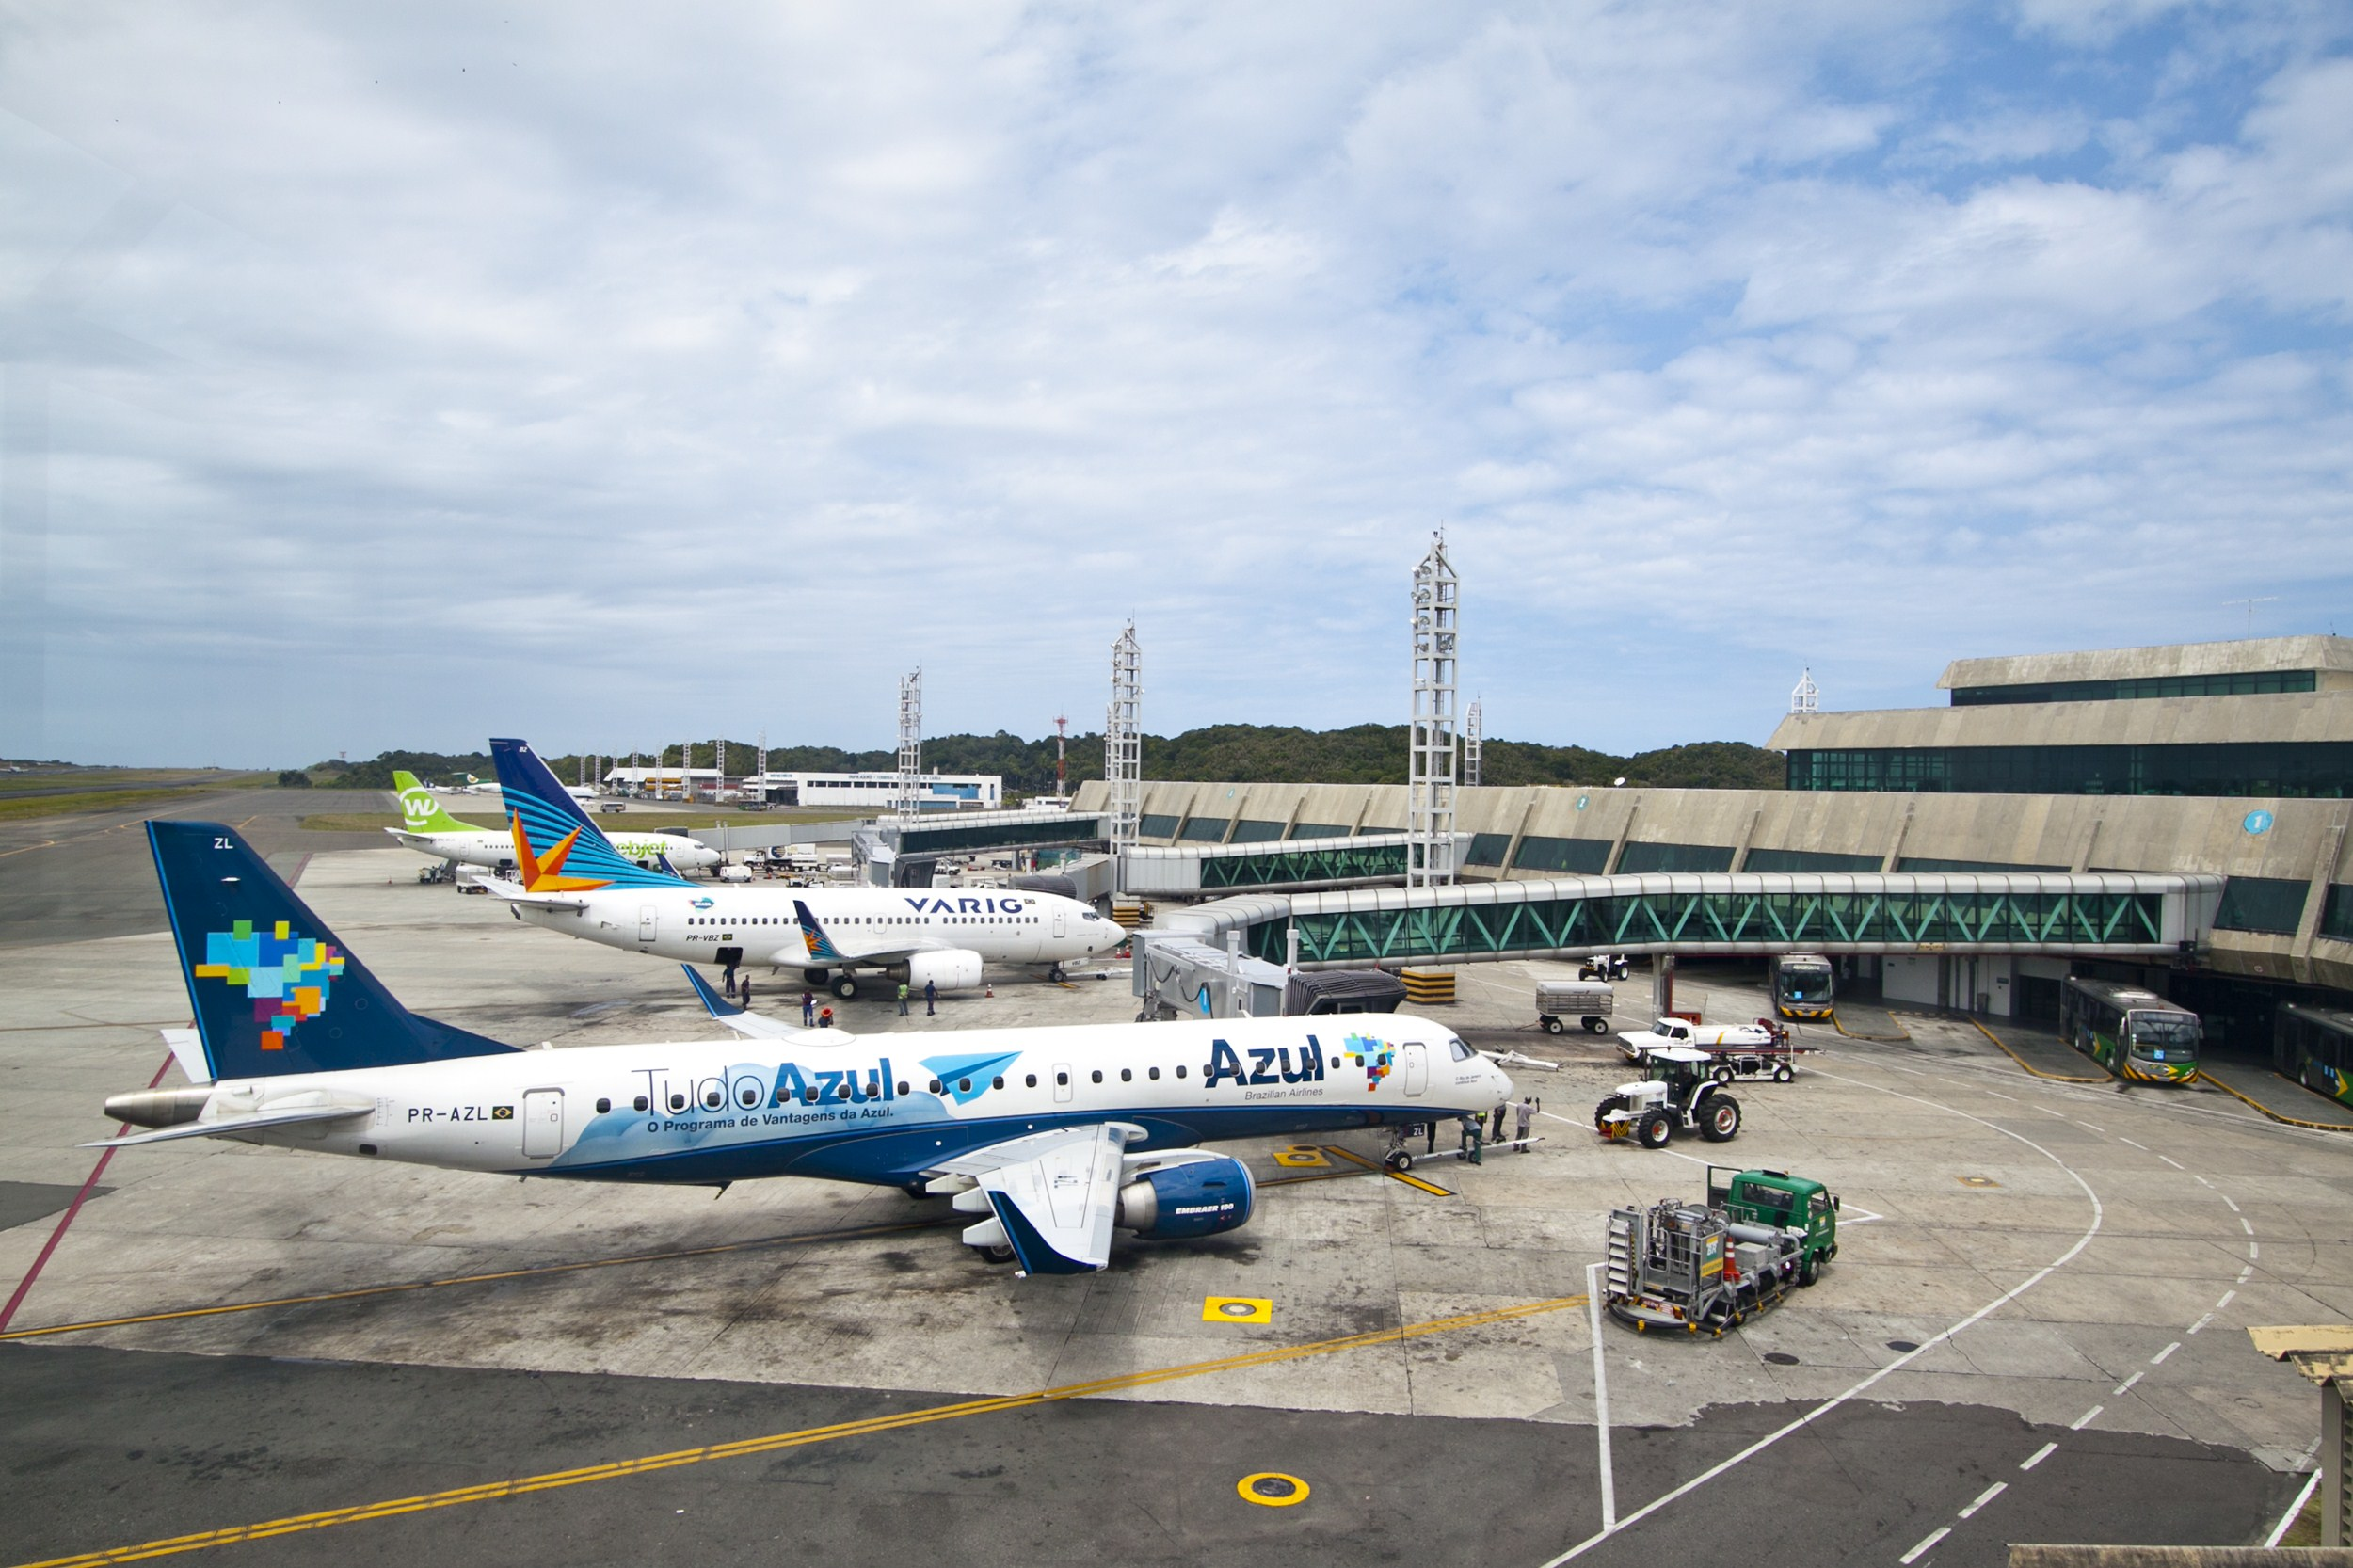 Aeroporto De Salvador : Edital para privatização do aeroporto de salvador deve ser